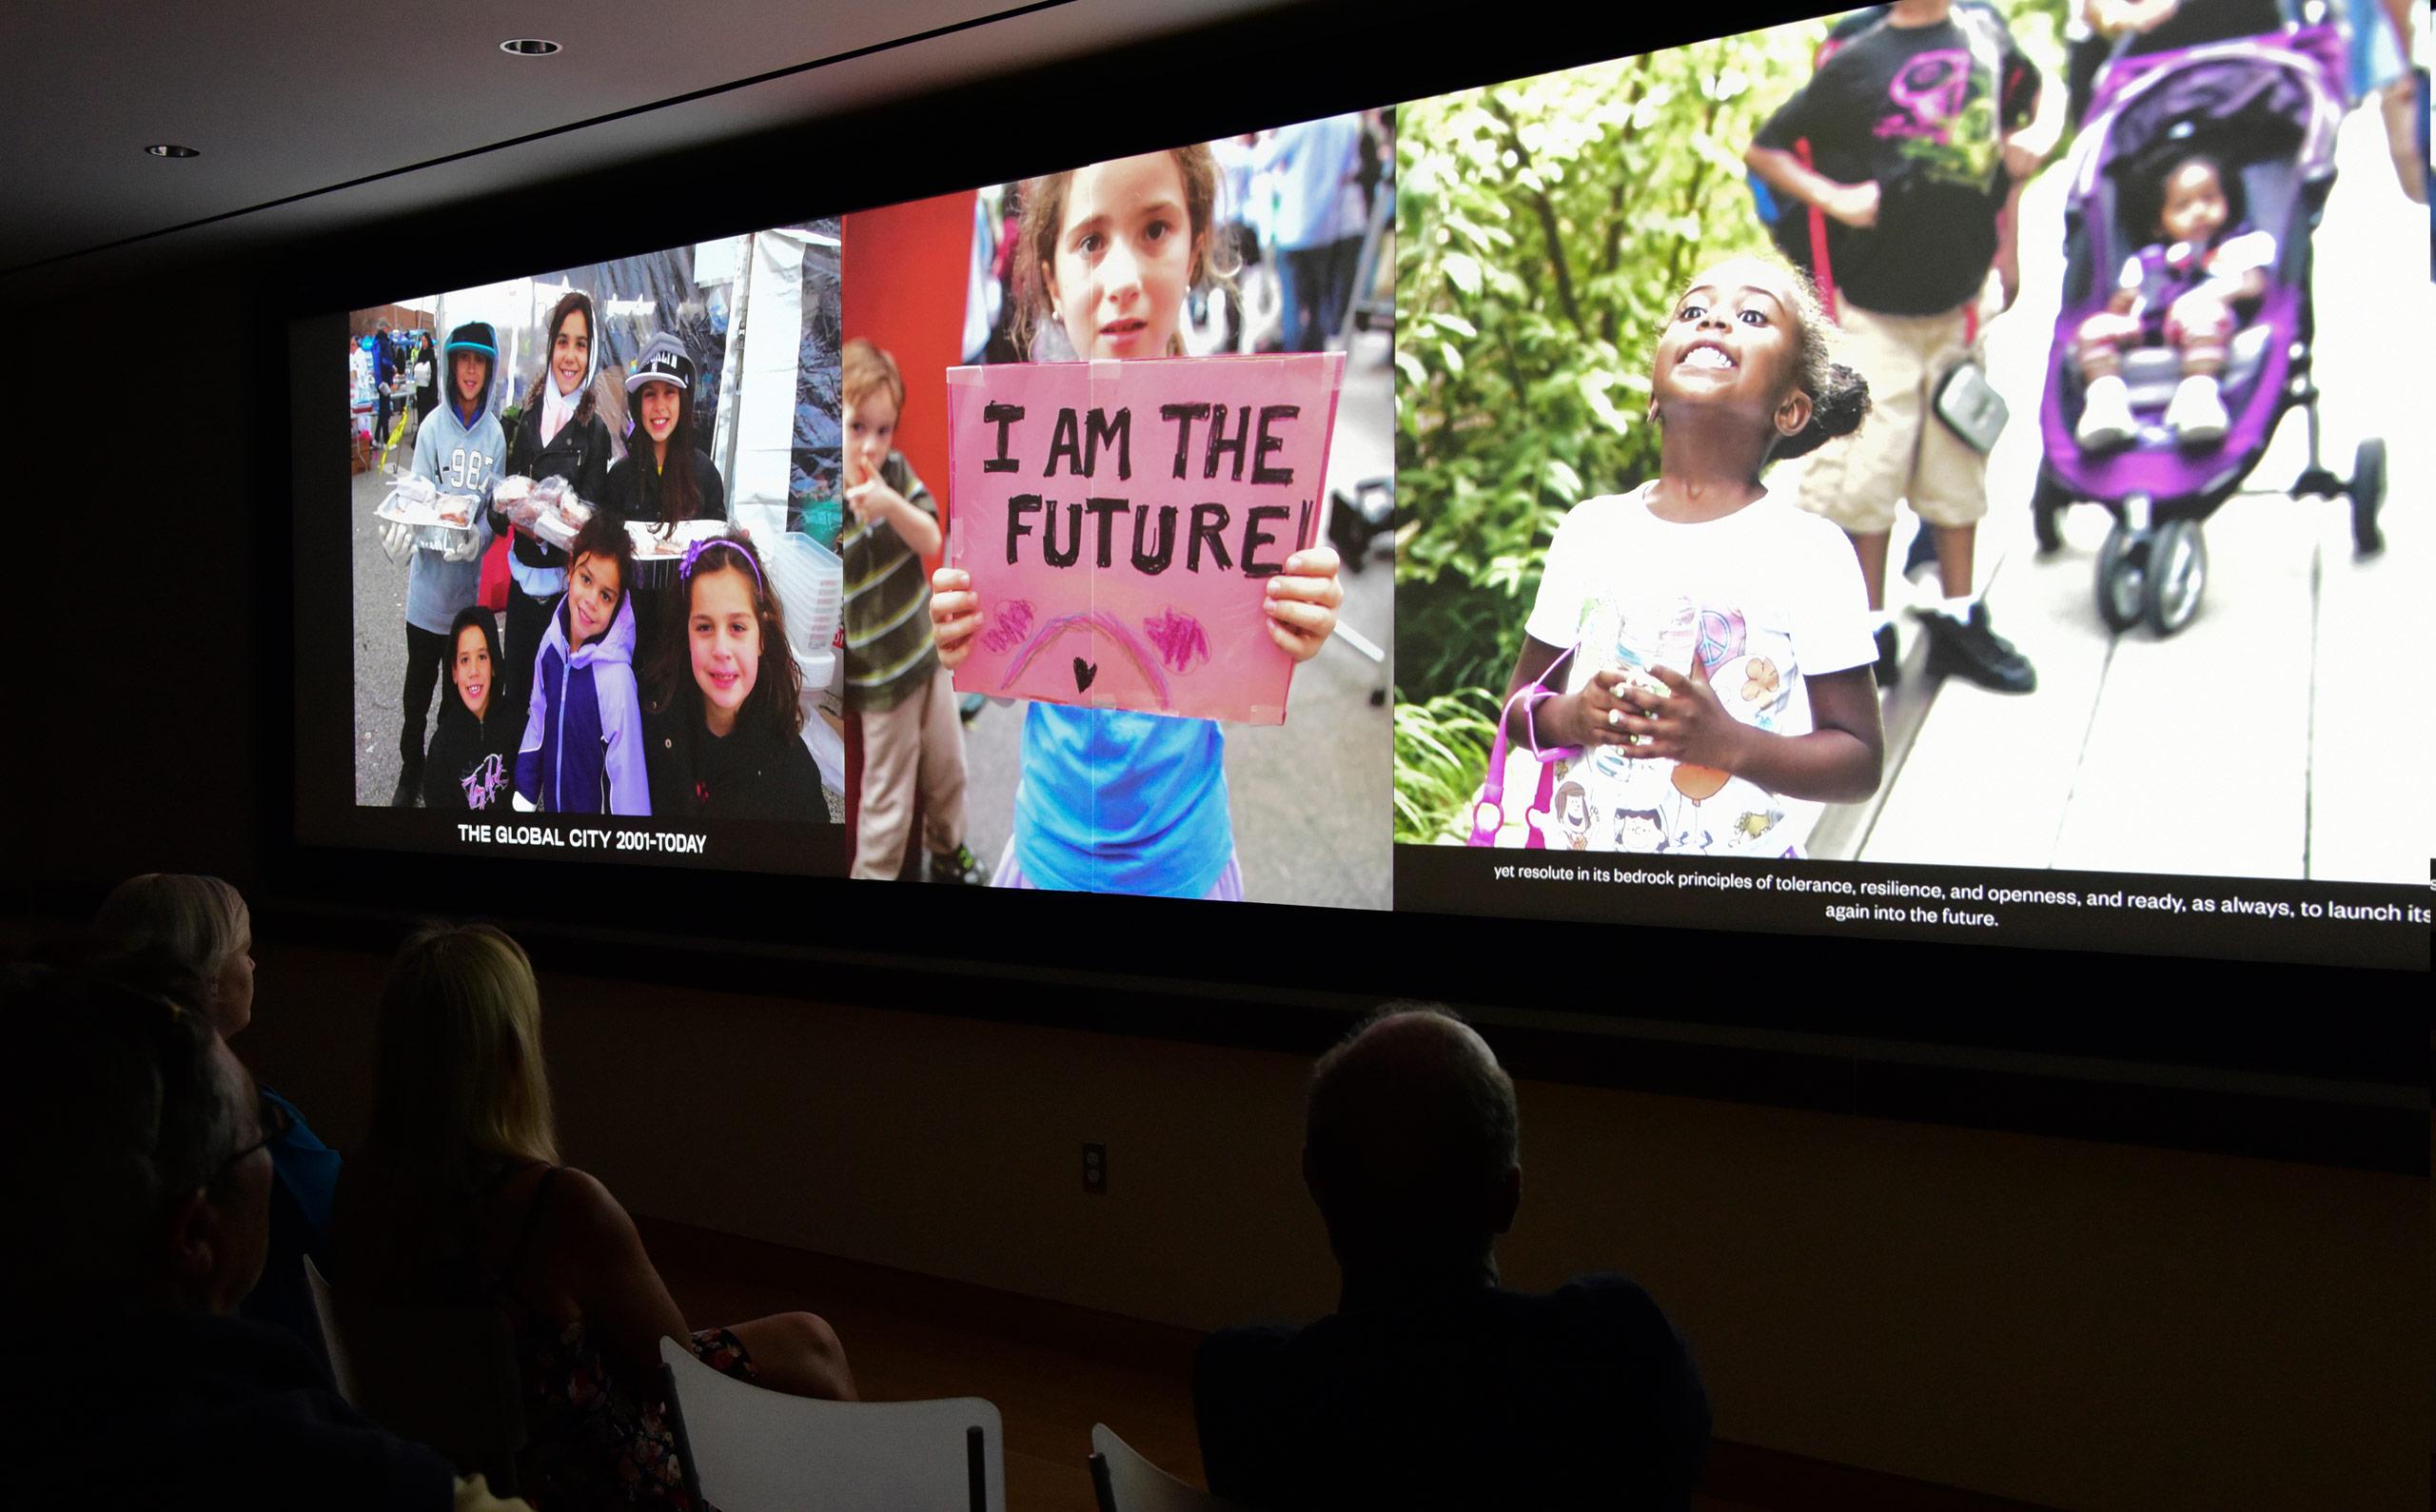 Les visiteurs regardent le film Timescapes dans un théâtre au Musée de la ville de New York